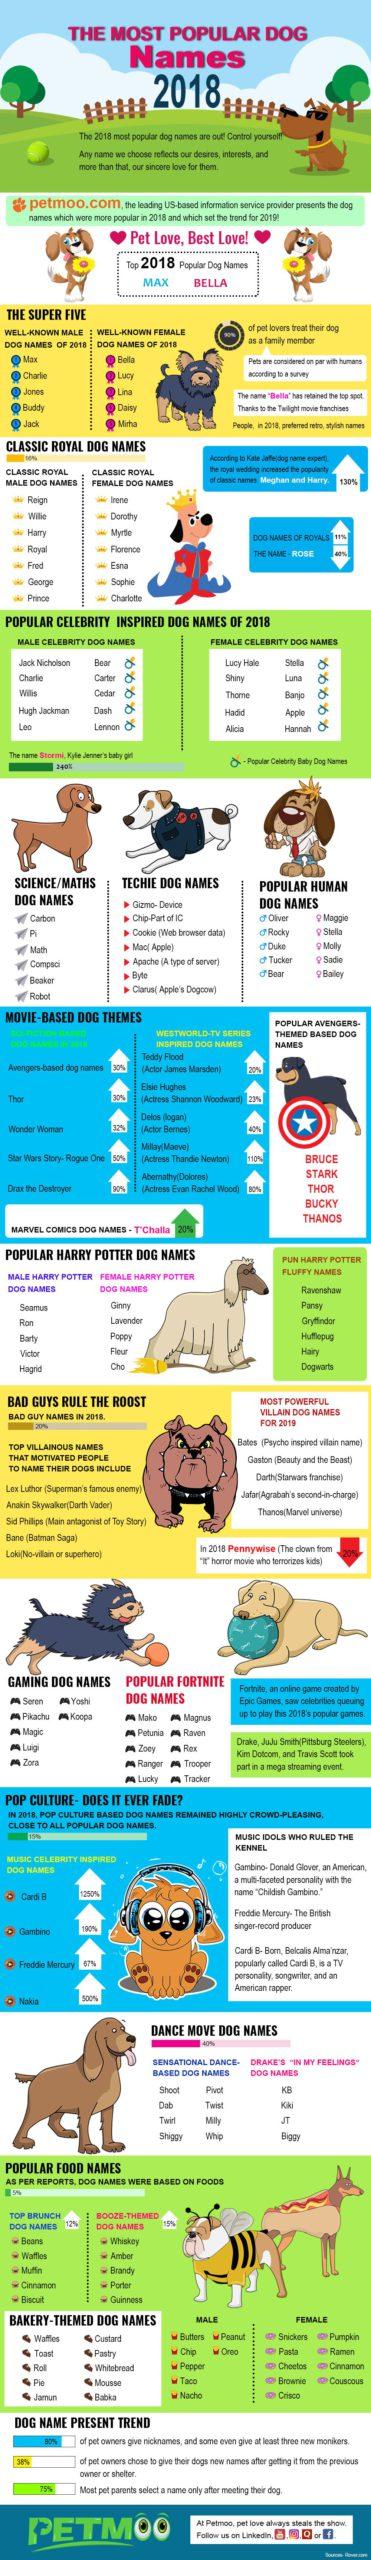 Most Poppular Dog Names